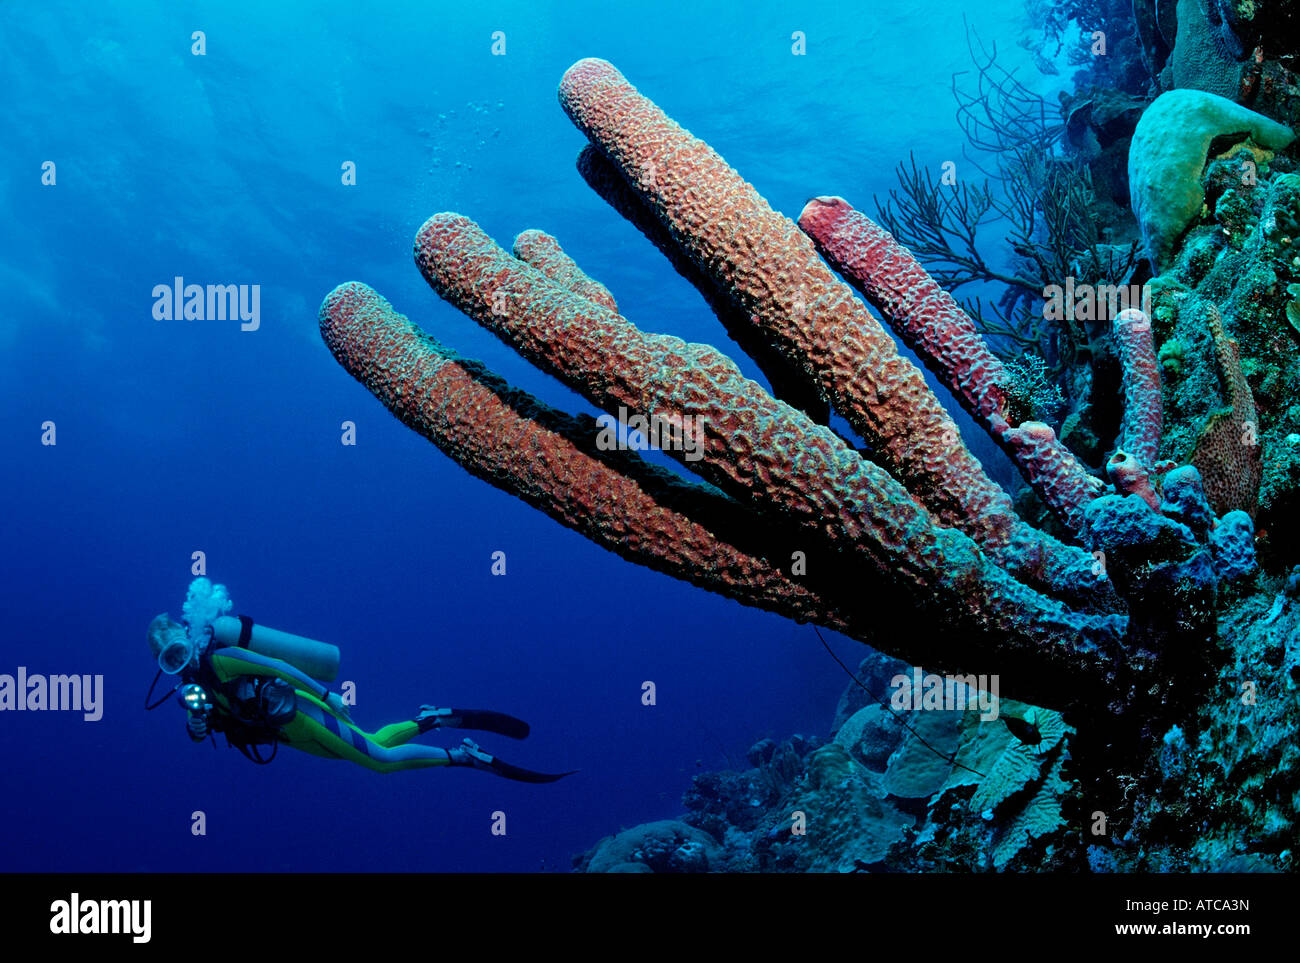 Subacqueo e Spugna di mare dei Caraibi Curacao Immagini Stock